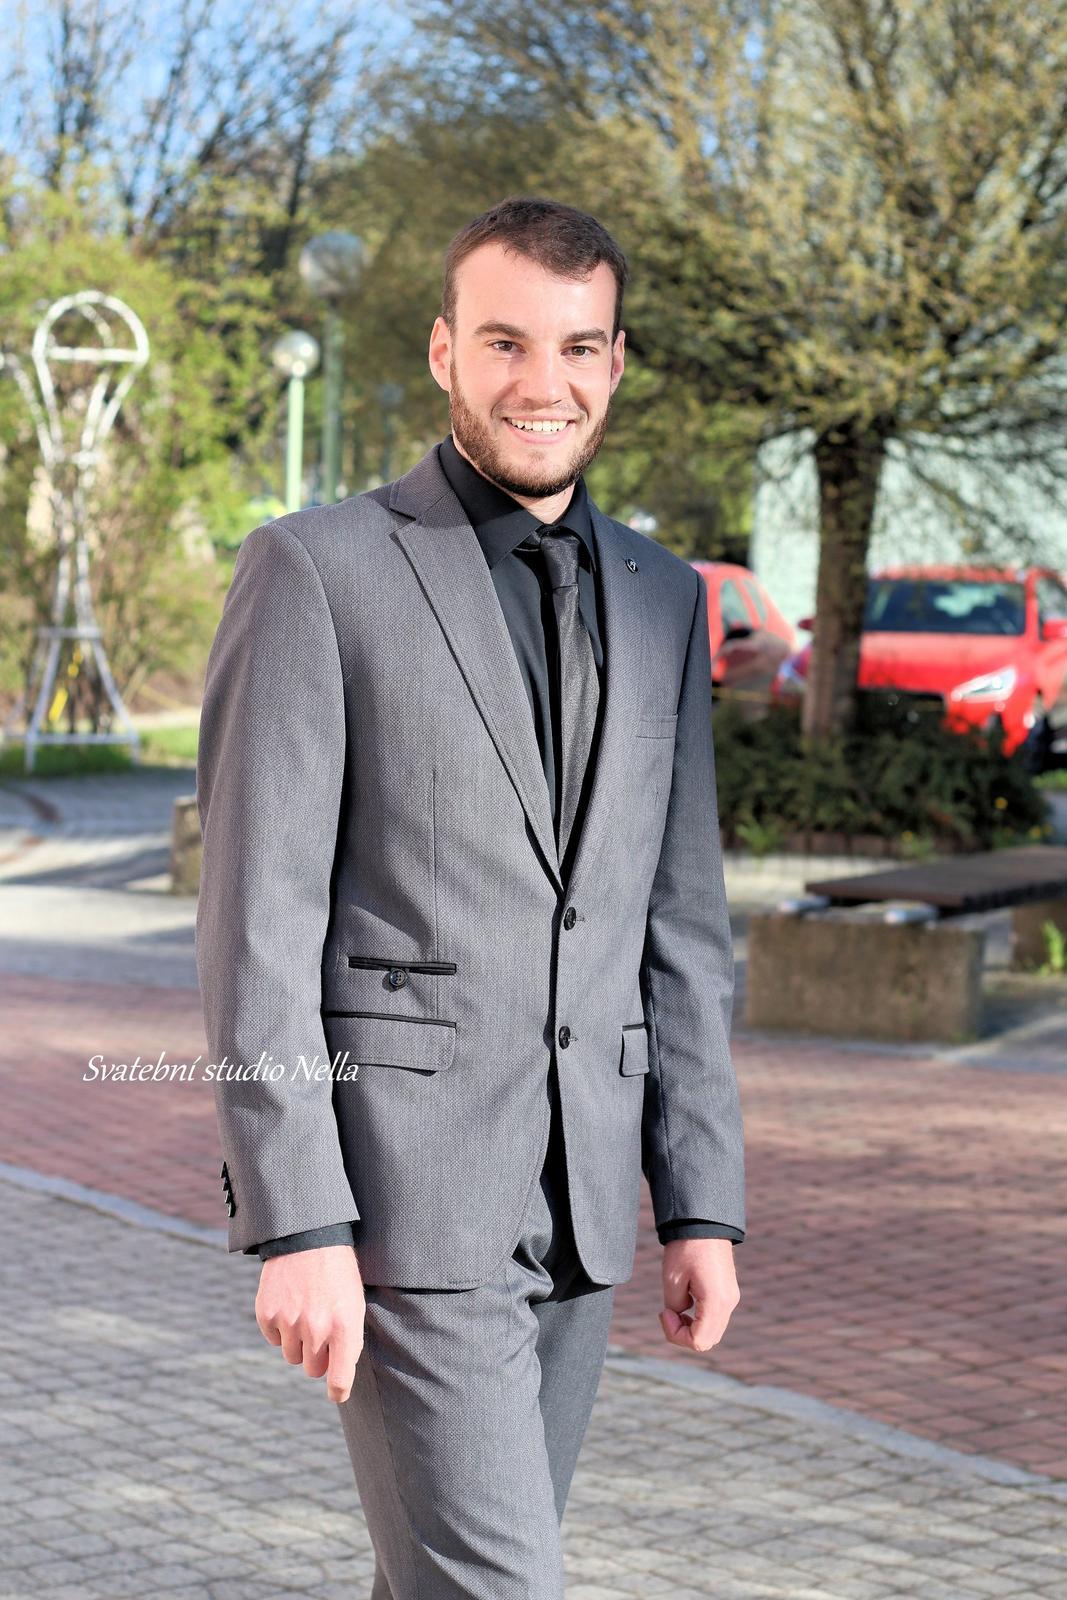 bcc3736273 Pánský oblek šedý vel.50